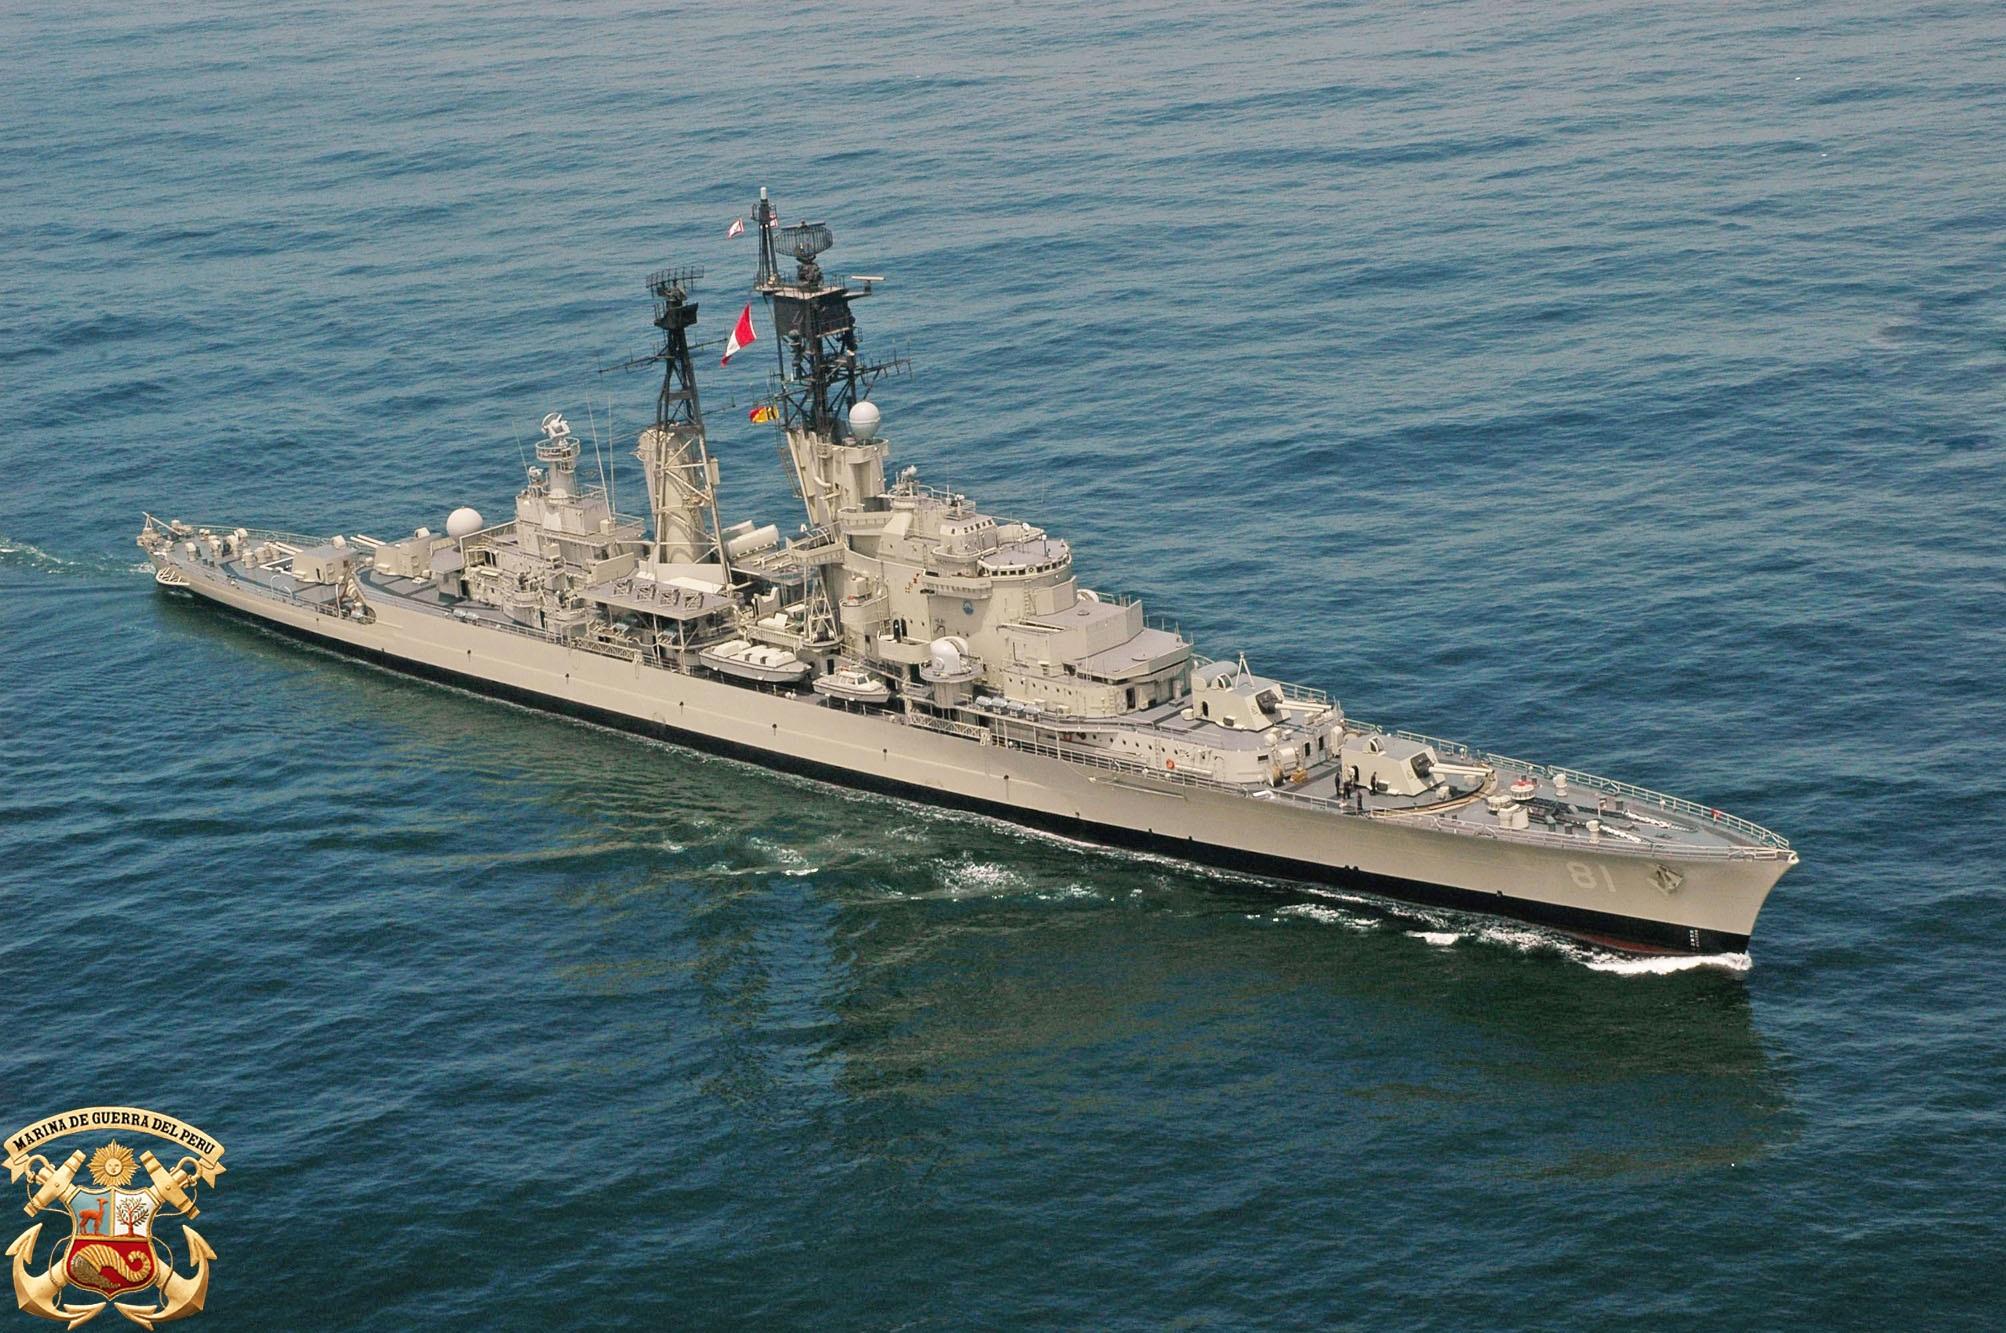 Крейсер CLM 81 Almirante Grau (бывший голландский De Ruyter) в период службы в составе ВМС Перу. Снимок 27.03.2007.